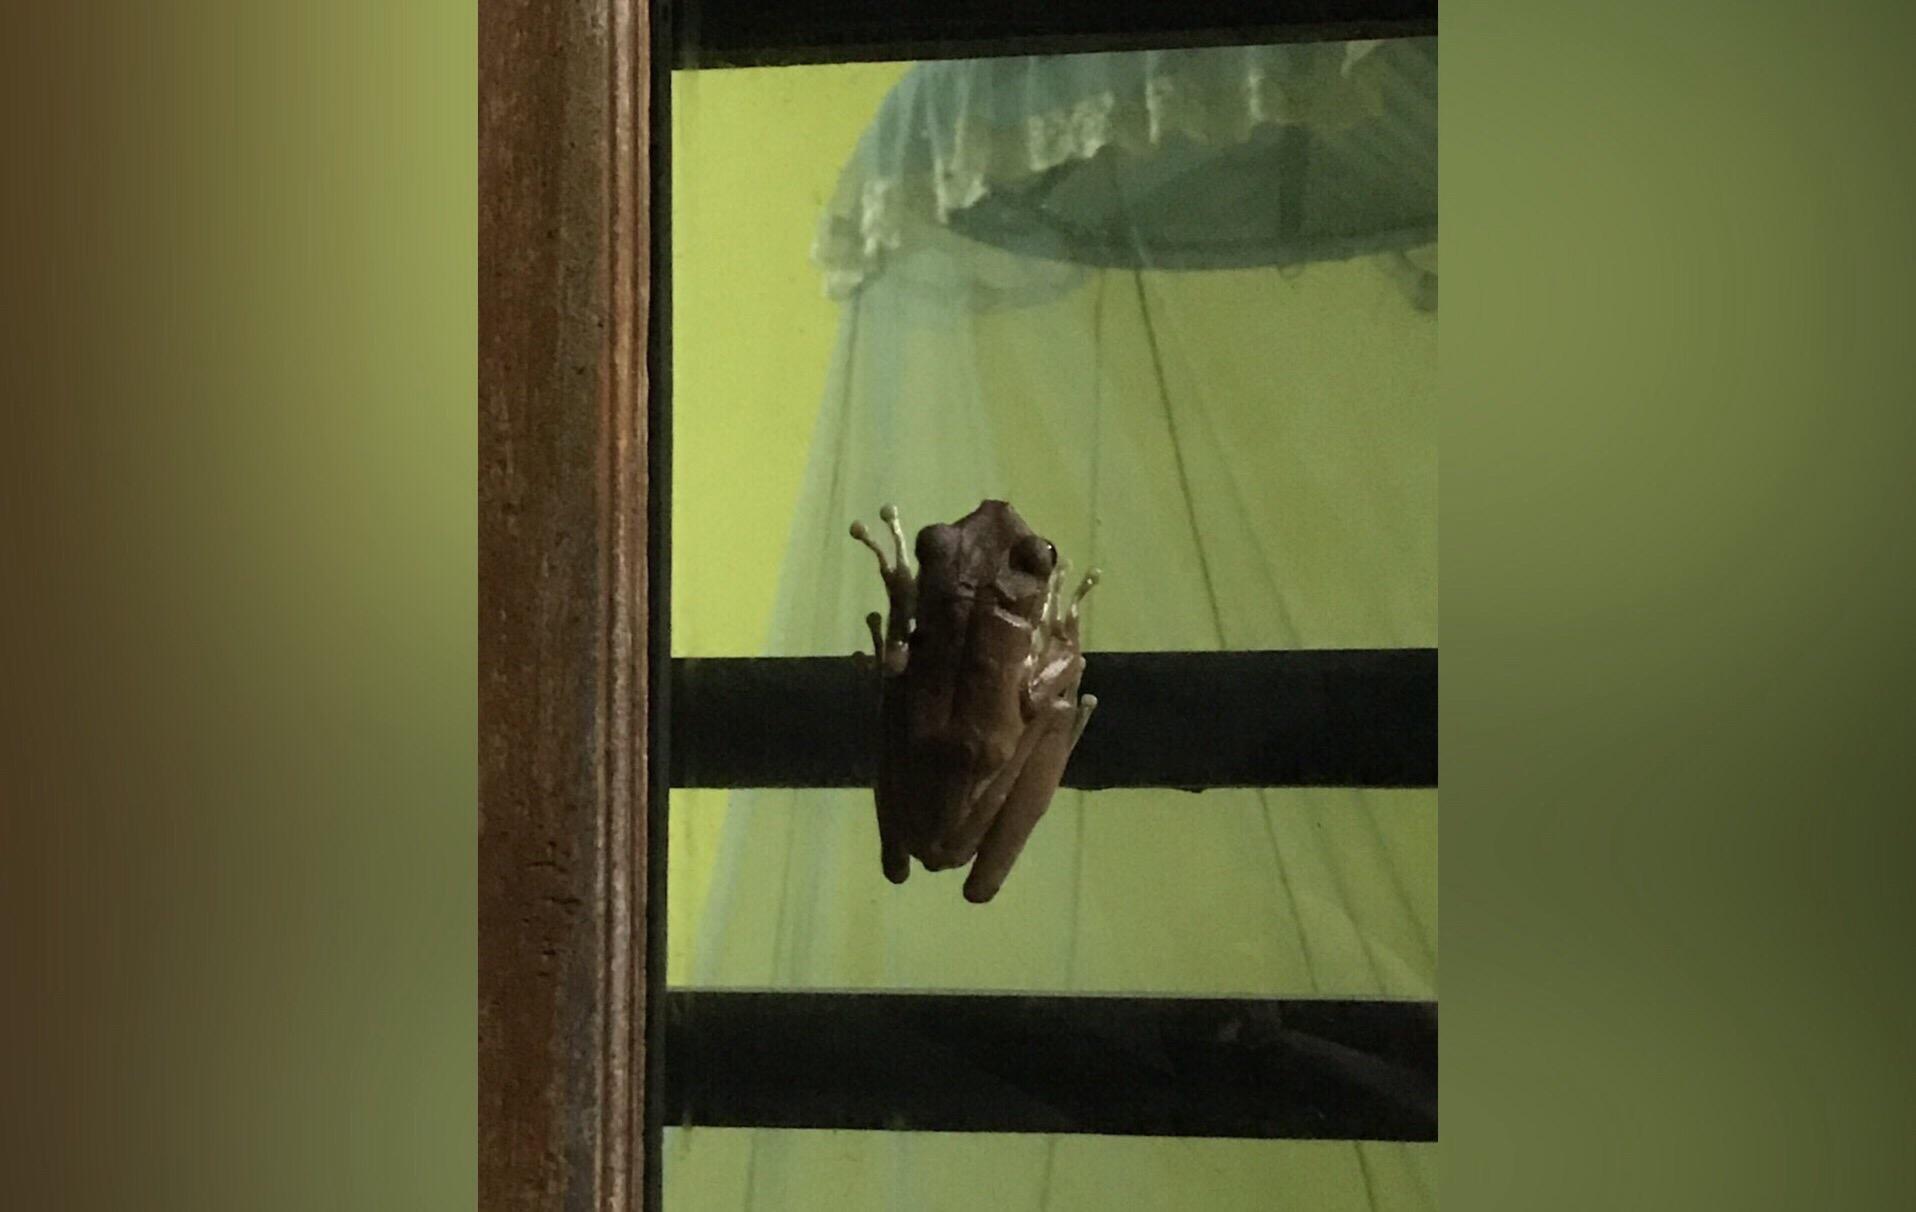 Привет вам от заморской прыгучей зверушки, которая никогда не видела пушистых сугробов и инея на ветках деревьев